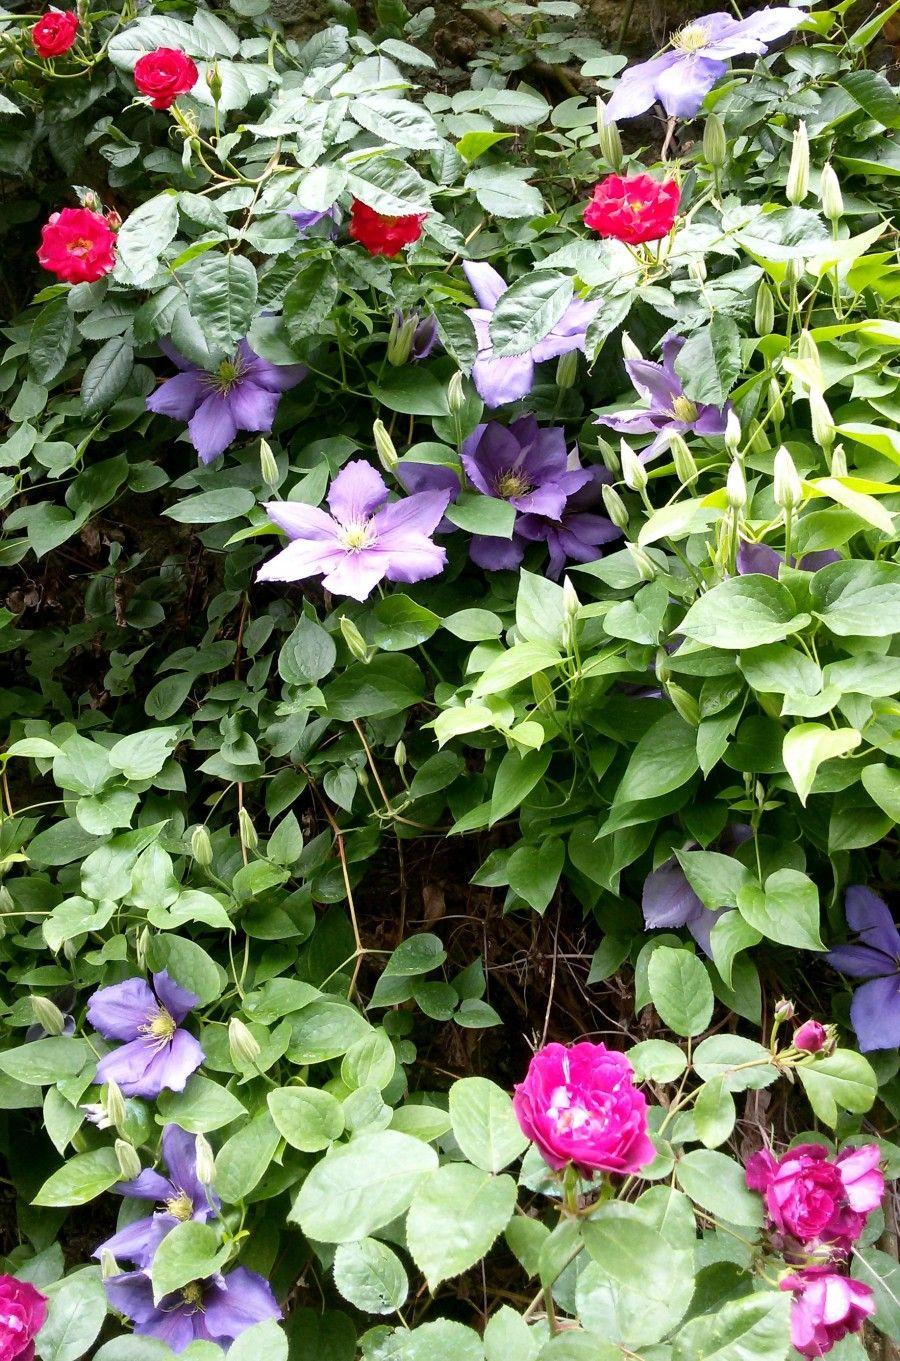 Rampicanti Che Crescono All Ombra scopri qual è la rosa più adatta al tuo giardino | bigodino